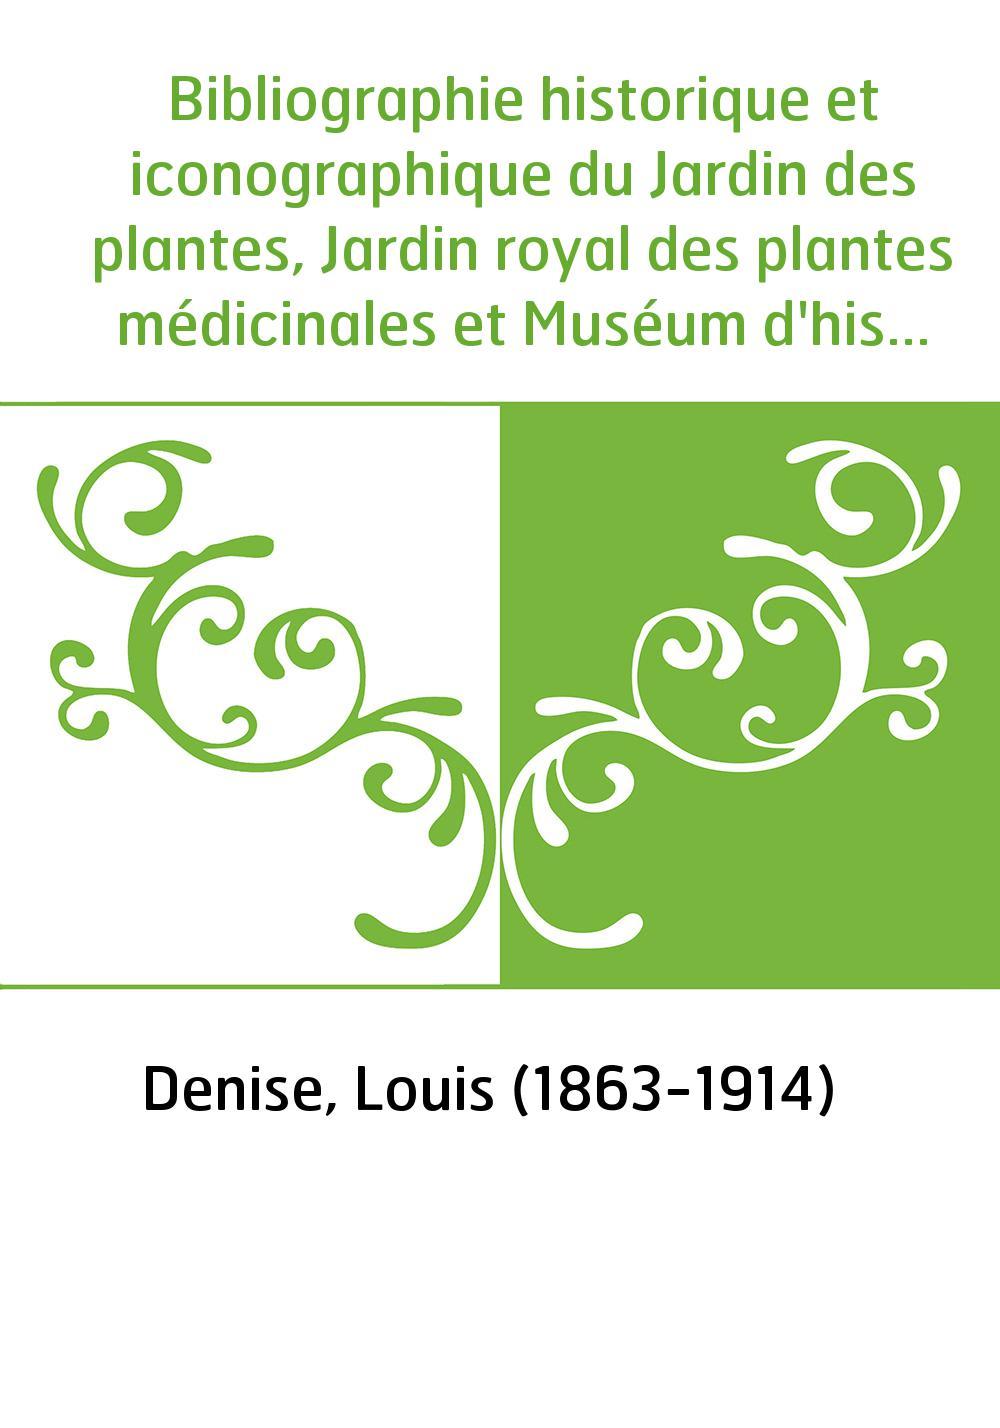 Bibliographie historique et iconographique du Jardin des plantes, Jardin royal des plantes médicinales et Muséum d'histoire natu